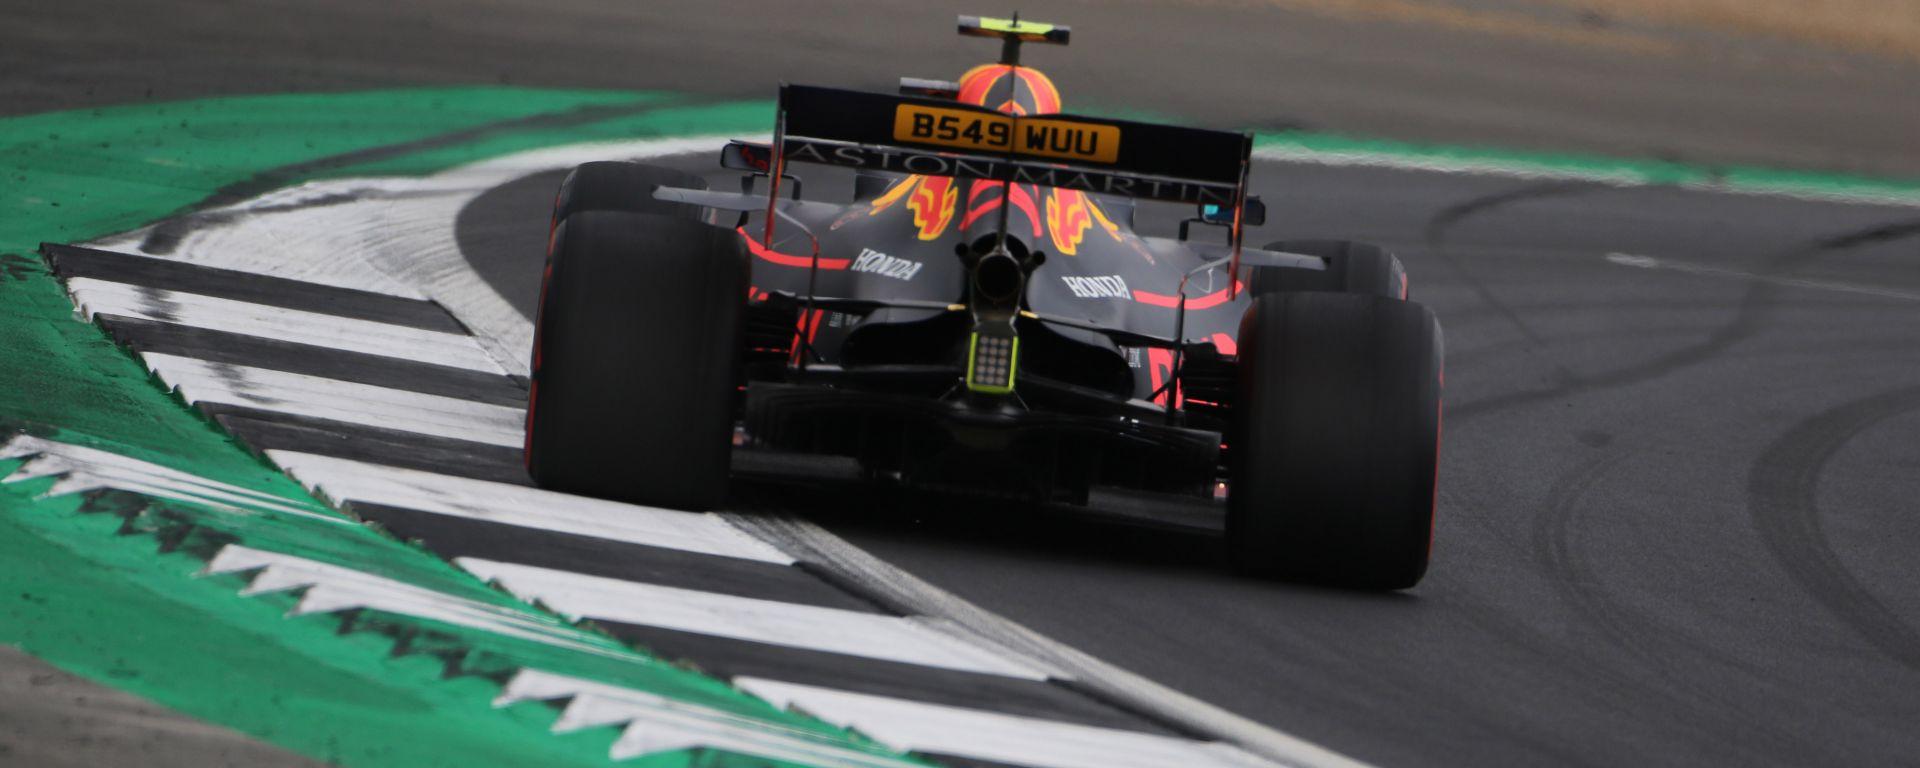 F1 GP Gran Bretagna 2019, Pierre Gasly è il più veloce al termine delle PL1